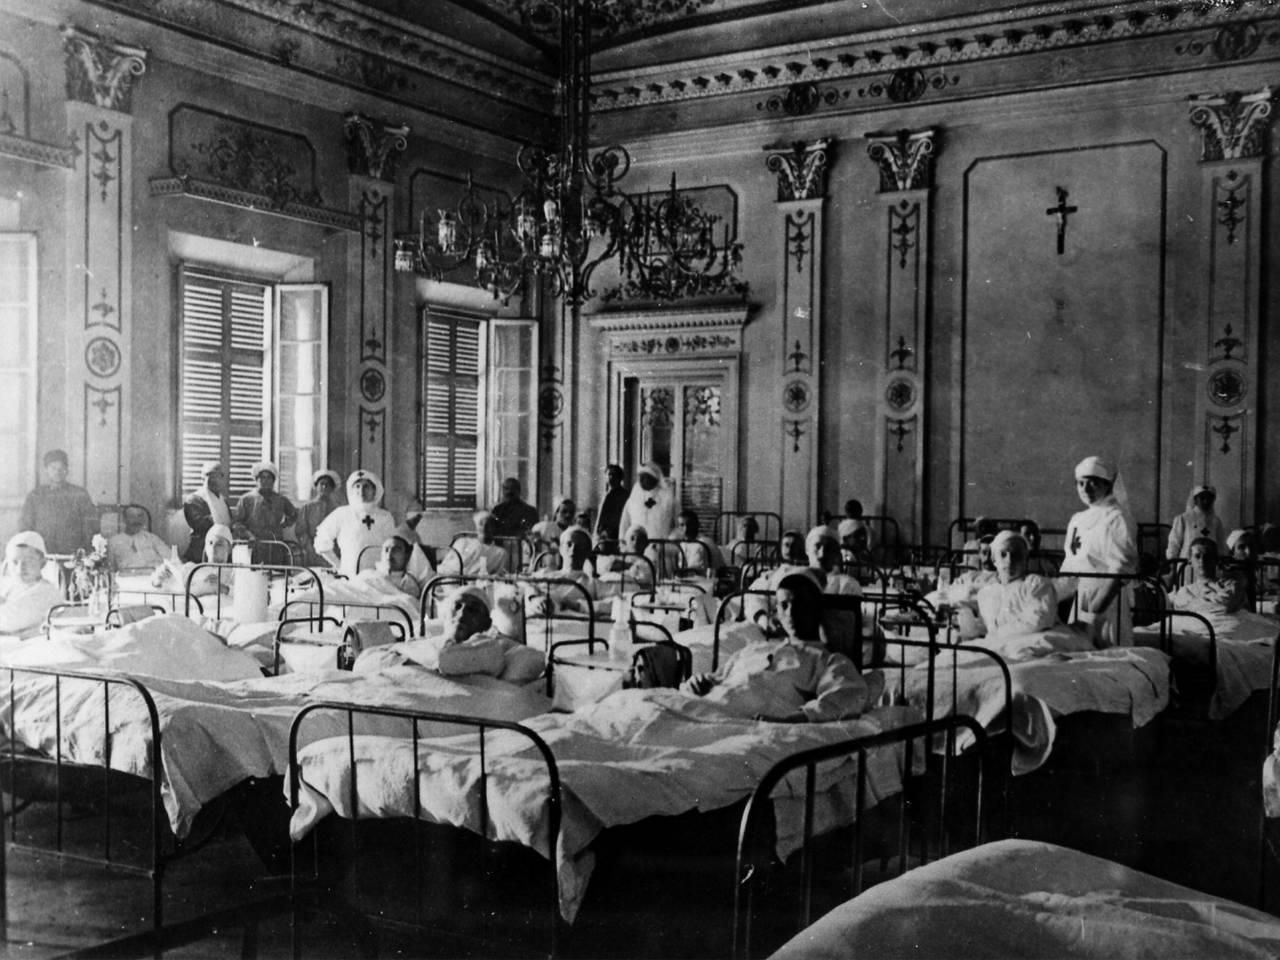 ospedale all'interno del teatro municipale Romolo Valli, degenti e crocerossine fototeca biblioteca panizzi, fondo ivano burani - reggio emilia 1918